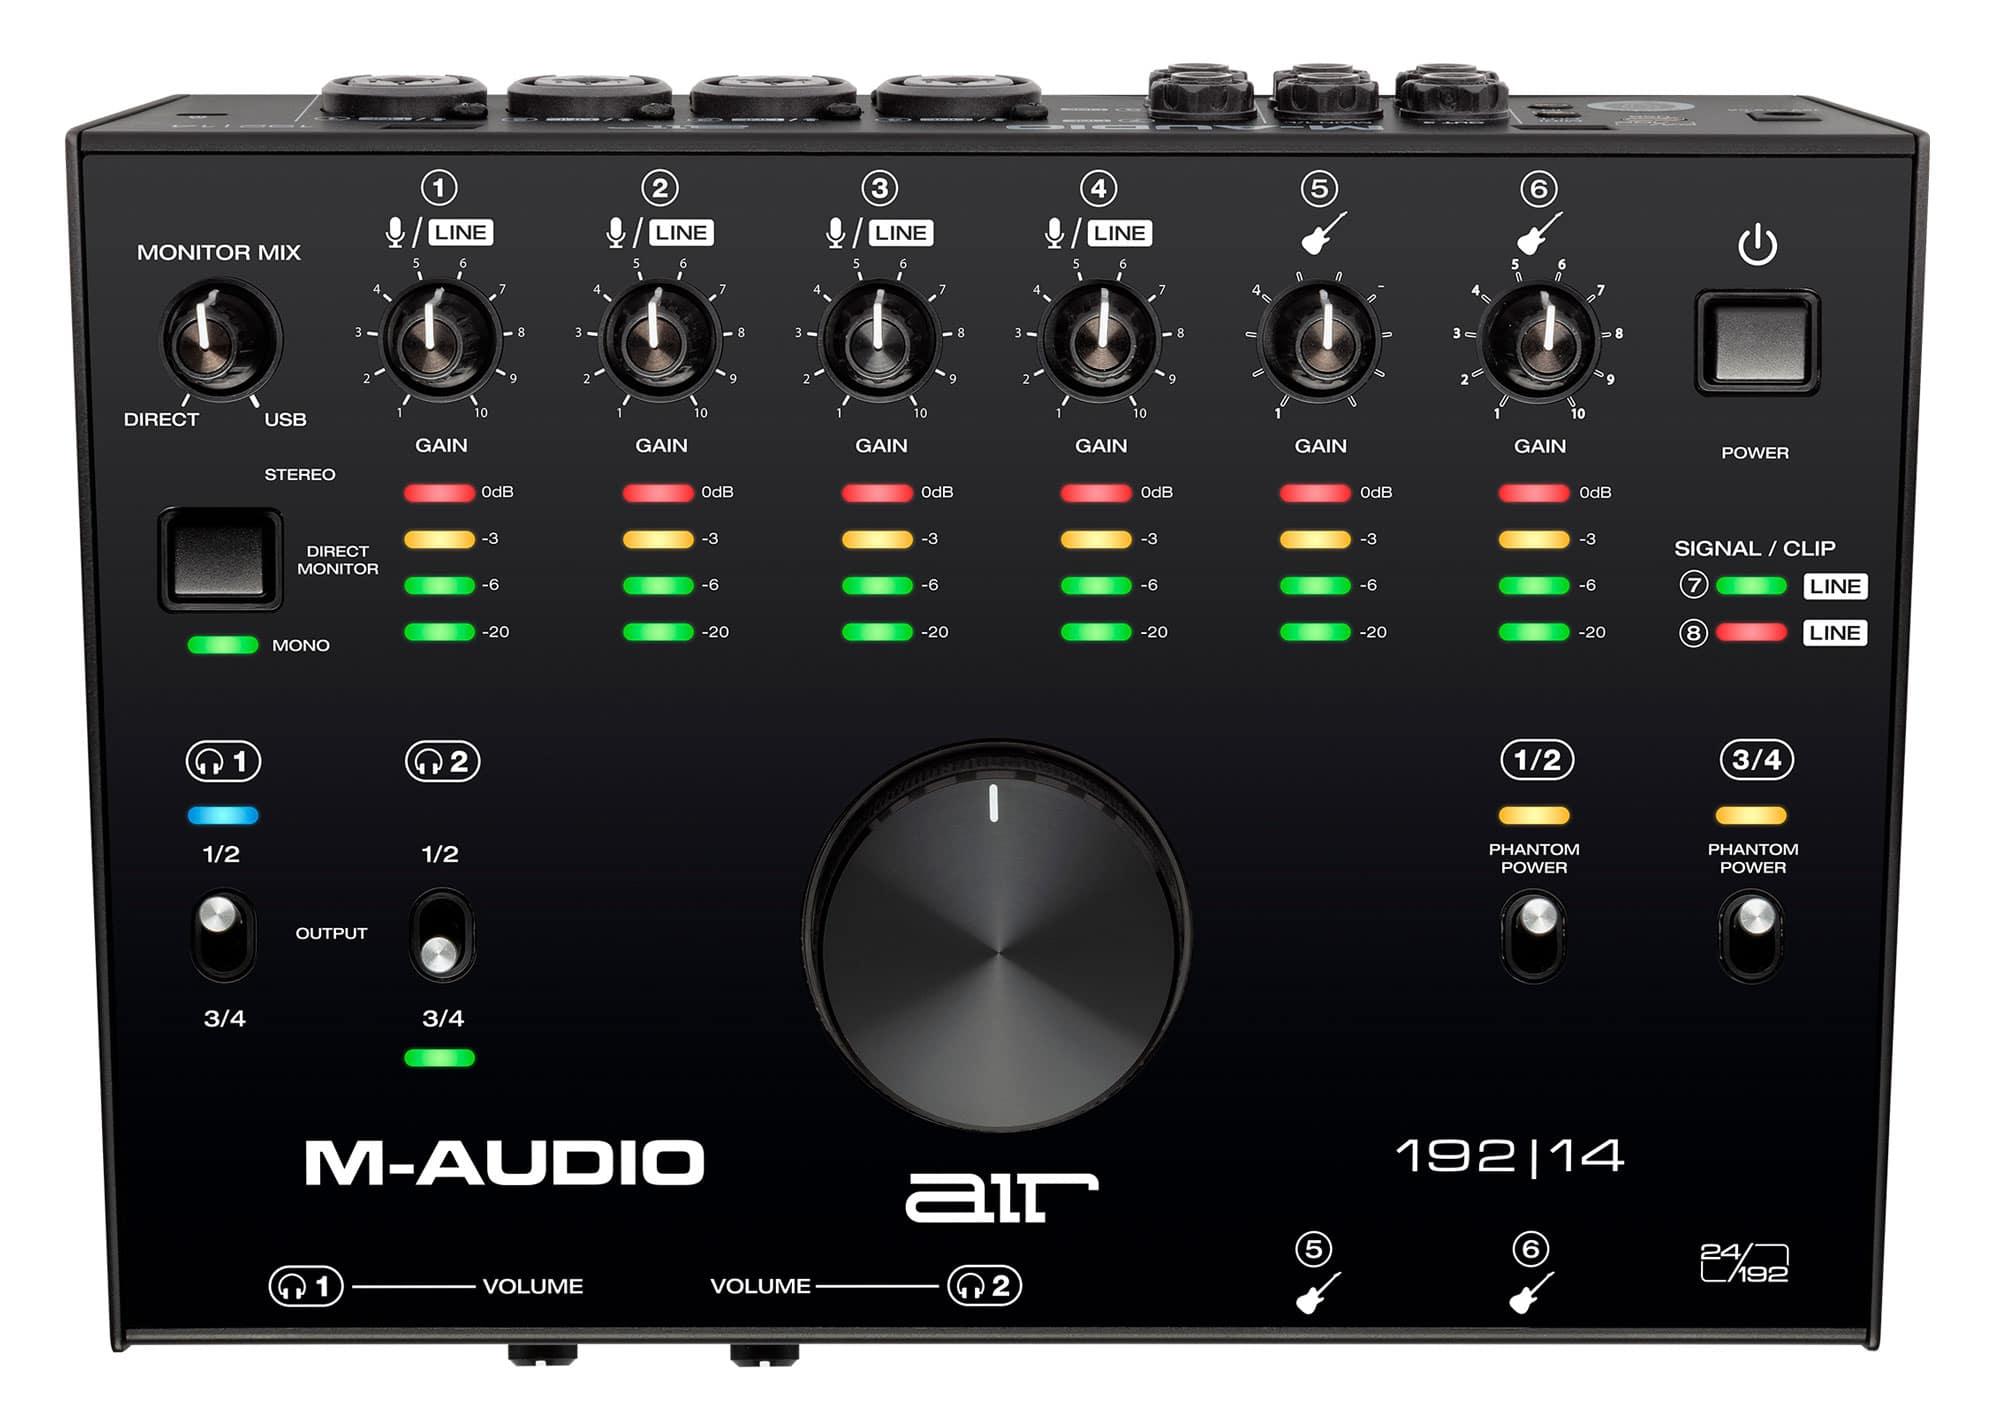 Pchardware - M Audio AIR 192|14 - Onlineshop Musikhaus Kirstein